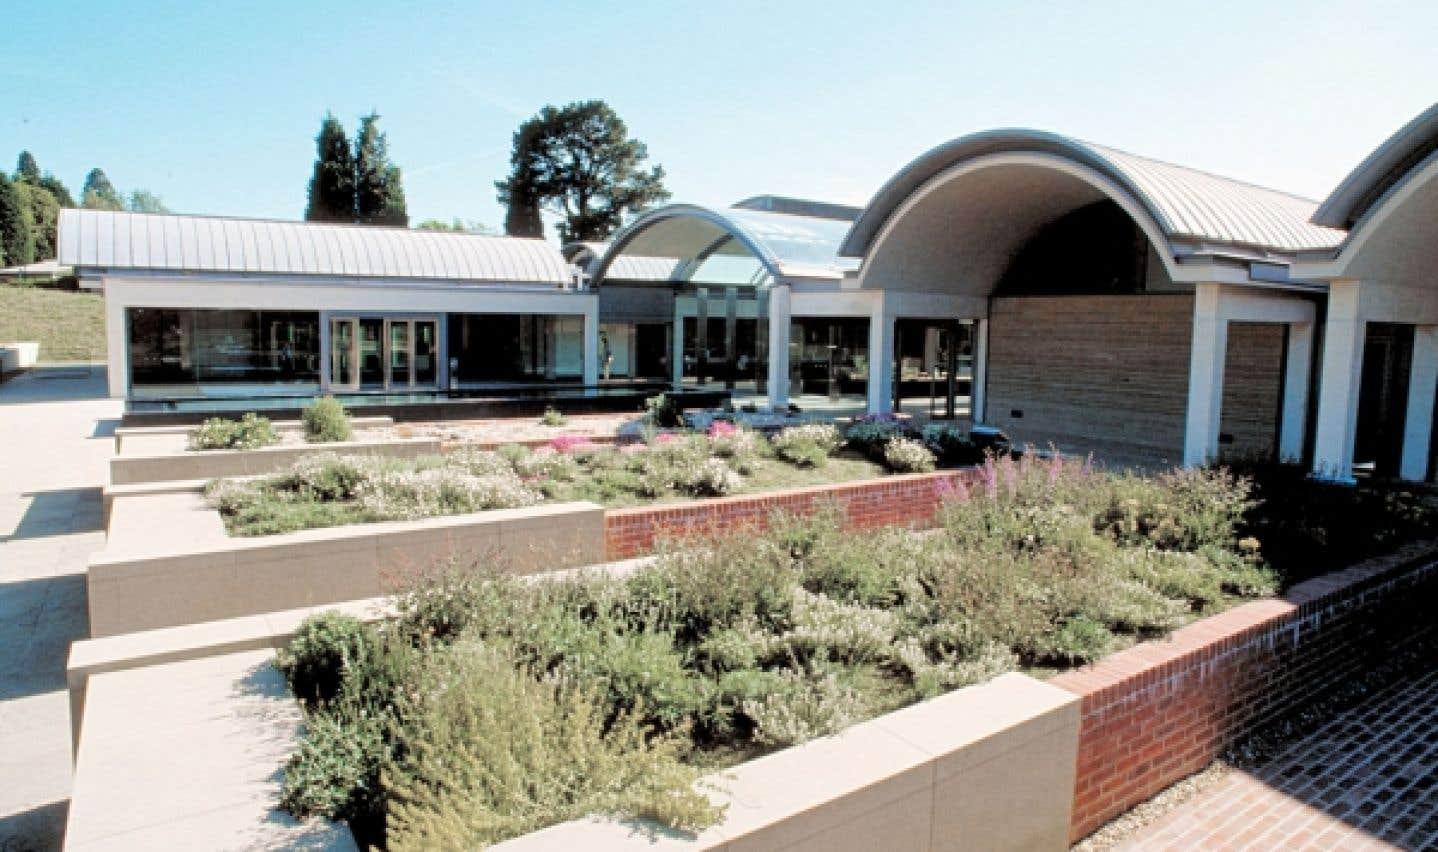 Dans le cadre du Breathing Planet Program, la Millenium Seed Bank au Jardin botanique de Kew joue un rôle important de conservation et de redistribution des semences pour des projets de développement durable.